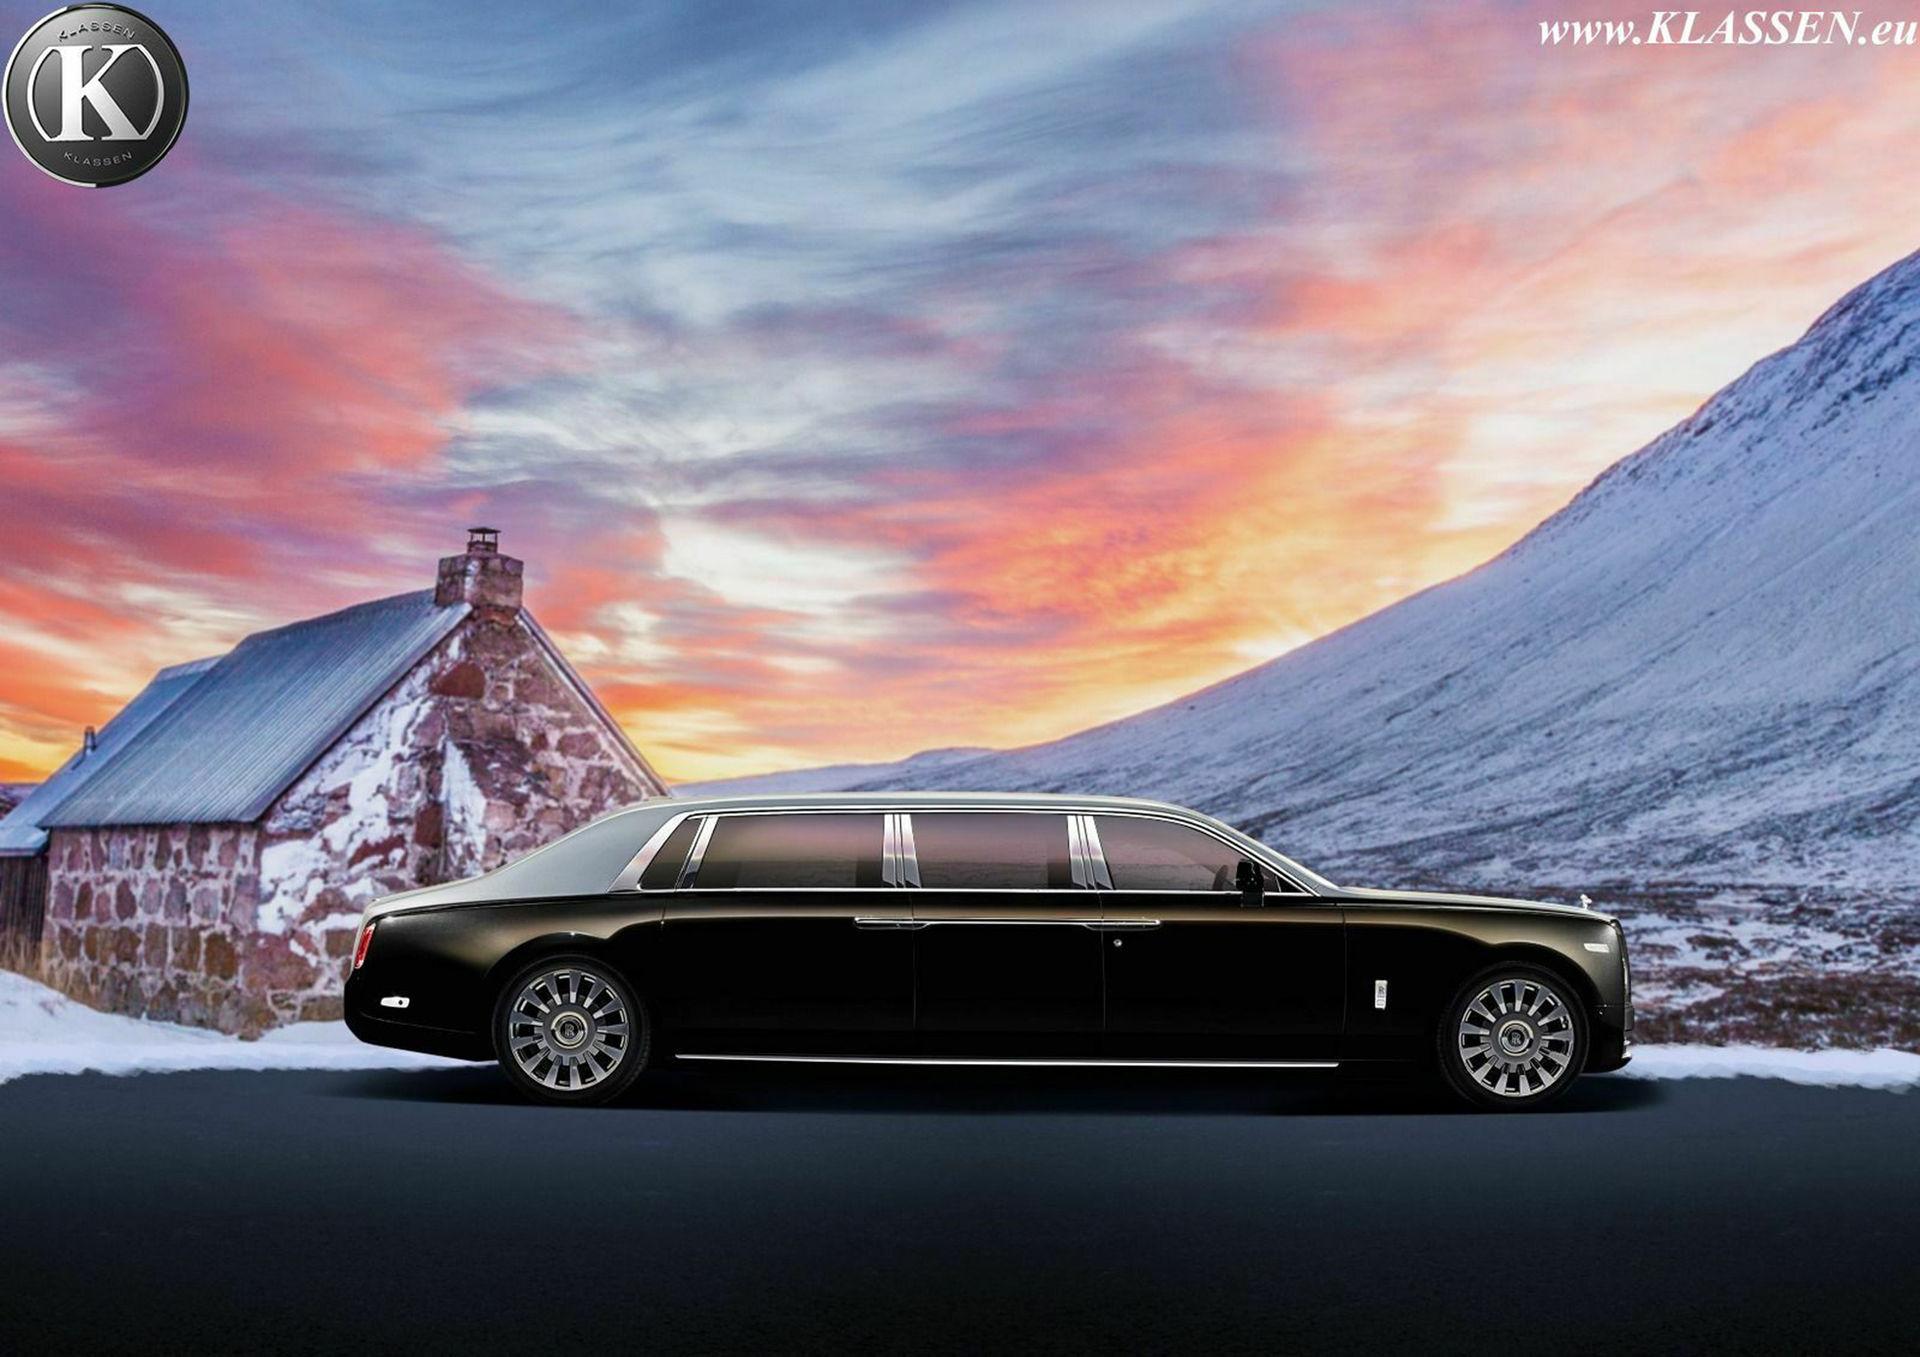 Förlängd Rolls-Royce Phantom med pansarskydd